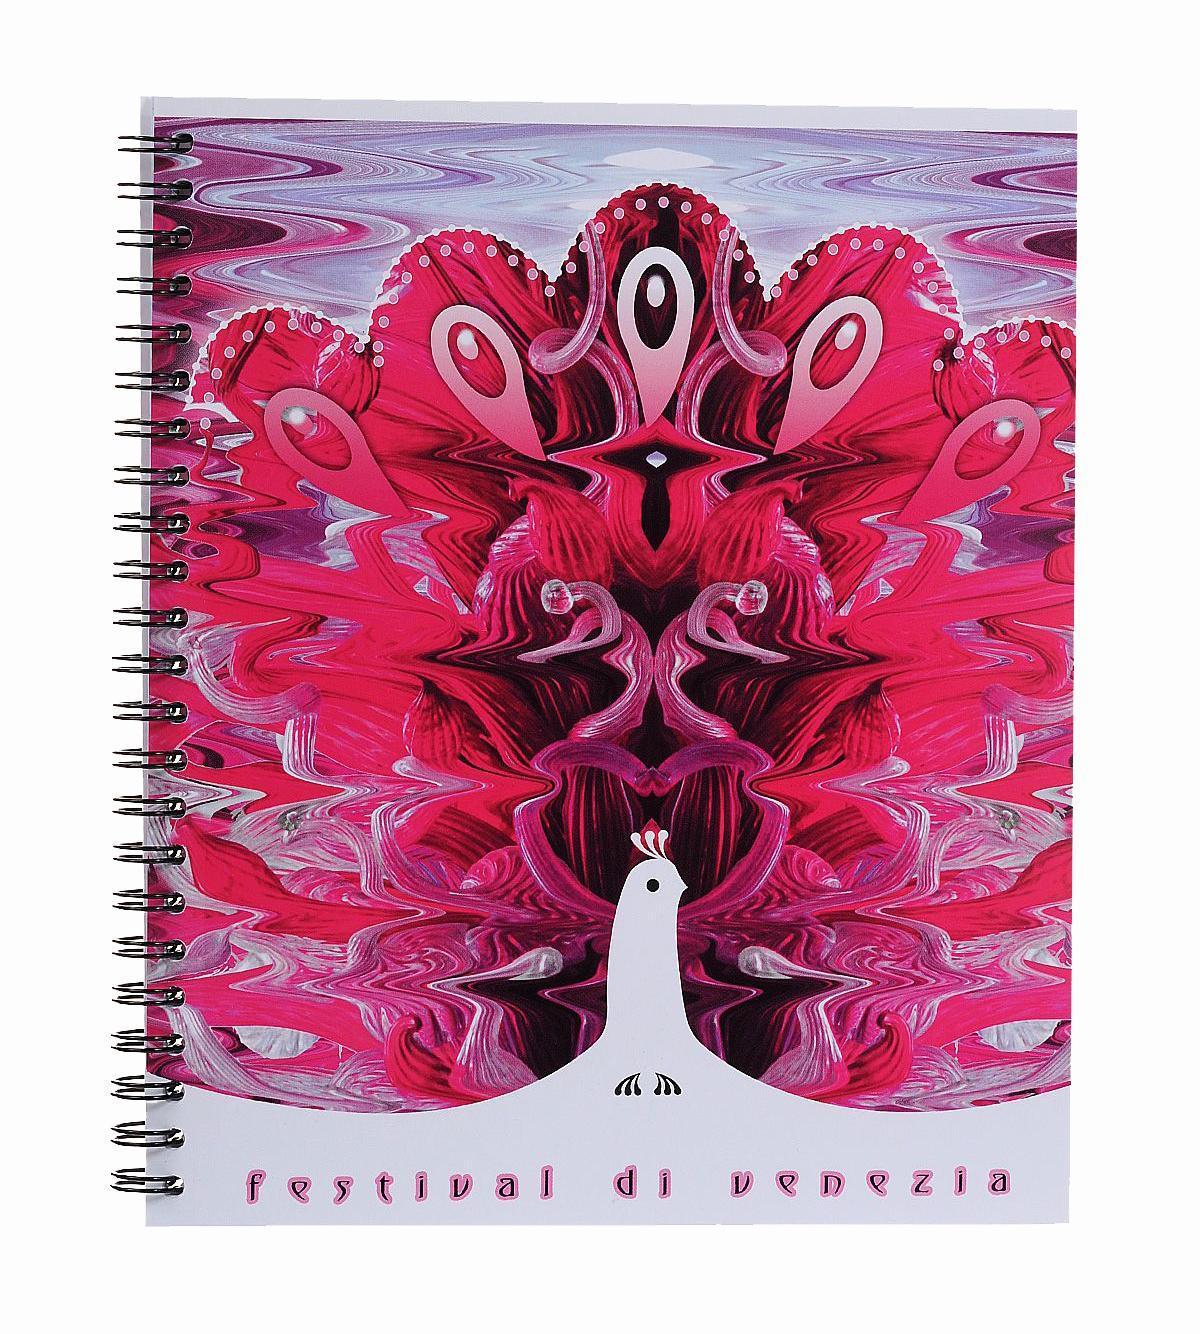 Тетрадь на спирали, 80л Муранское стекло, УФ-лак, розовый37626 розовыйтетрадь на спирали,80л Муранское стекло, УФ-лак, розовый